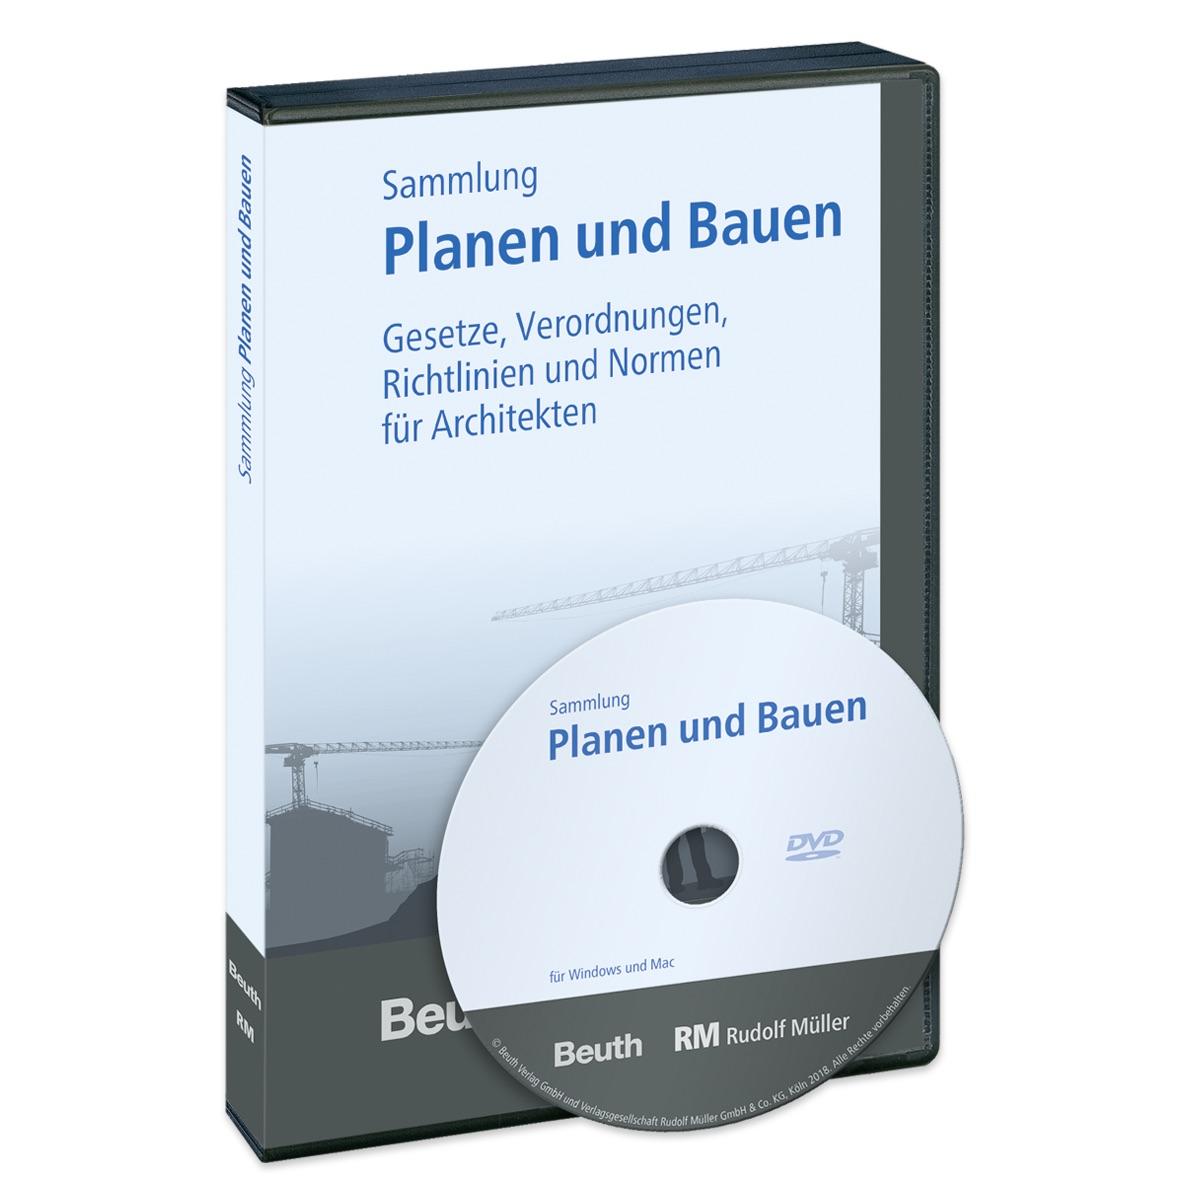 """Die DVD """"Planen und Bauen"""" enthält alle wesentlichen DIN-Normen und Bauvorschriften für Planung, Berechnung und Konstruktion von Gebäuden. (Foto: RM Rudolf Müller)"""